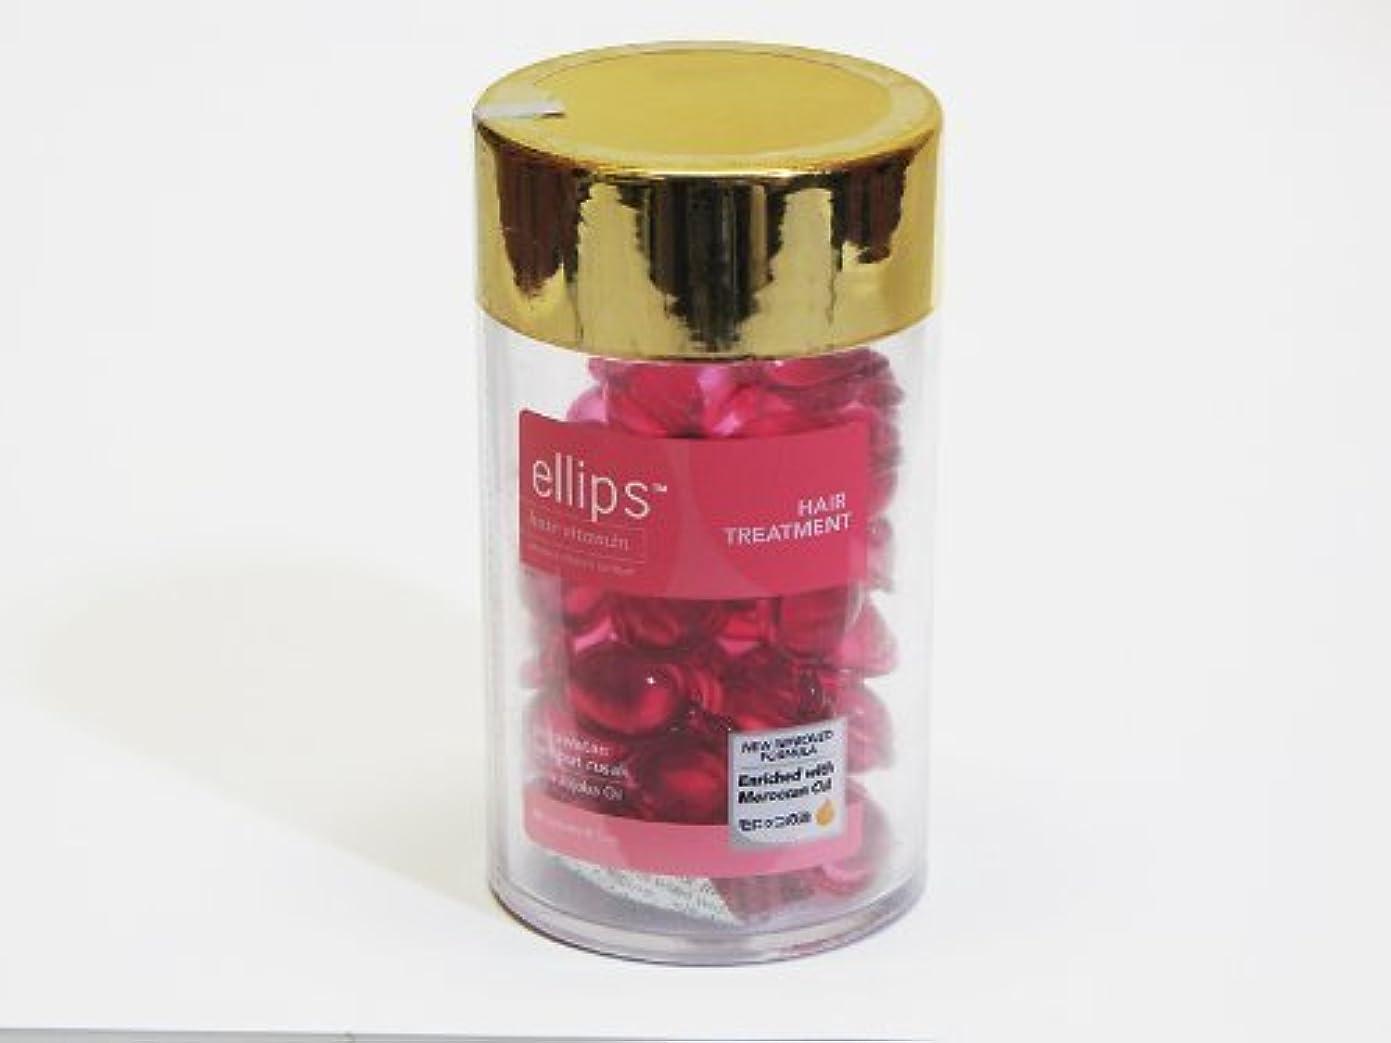 時刻表不和しみellips (エリプス) ヘアービタミン トリートメント 50粒入り ピンク (並行輸入)